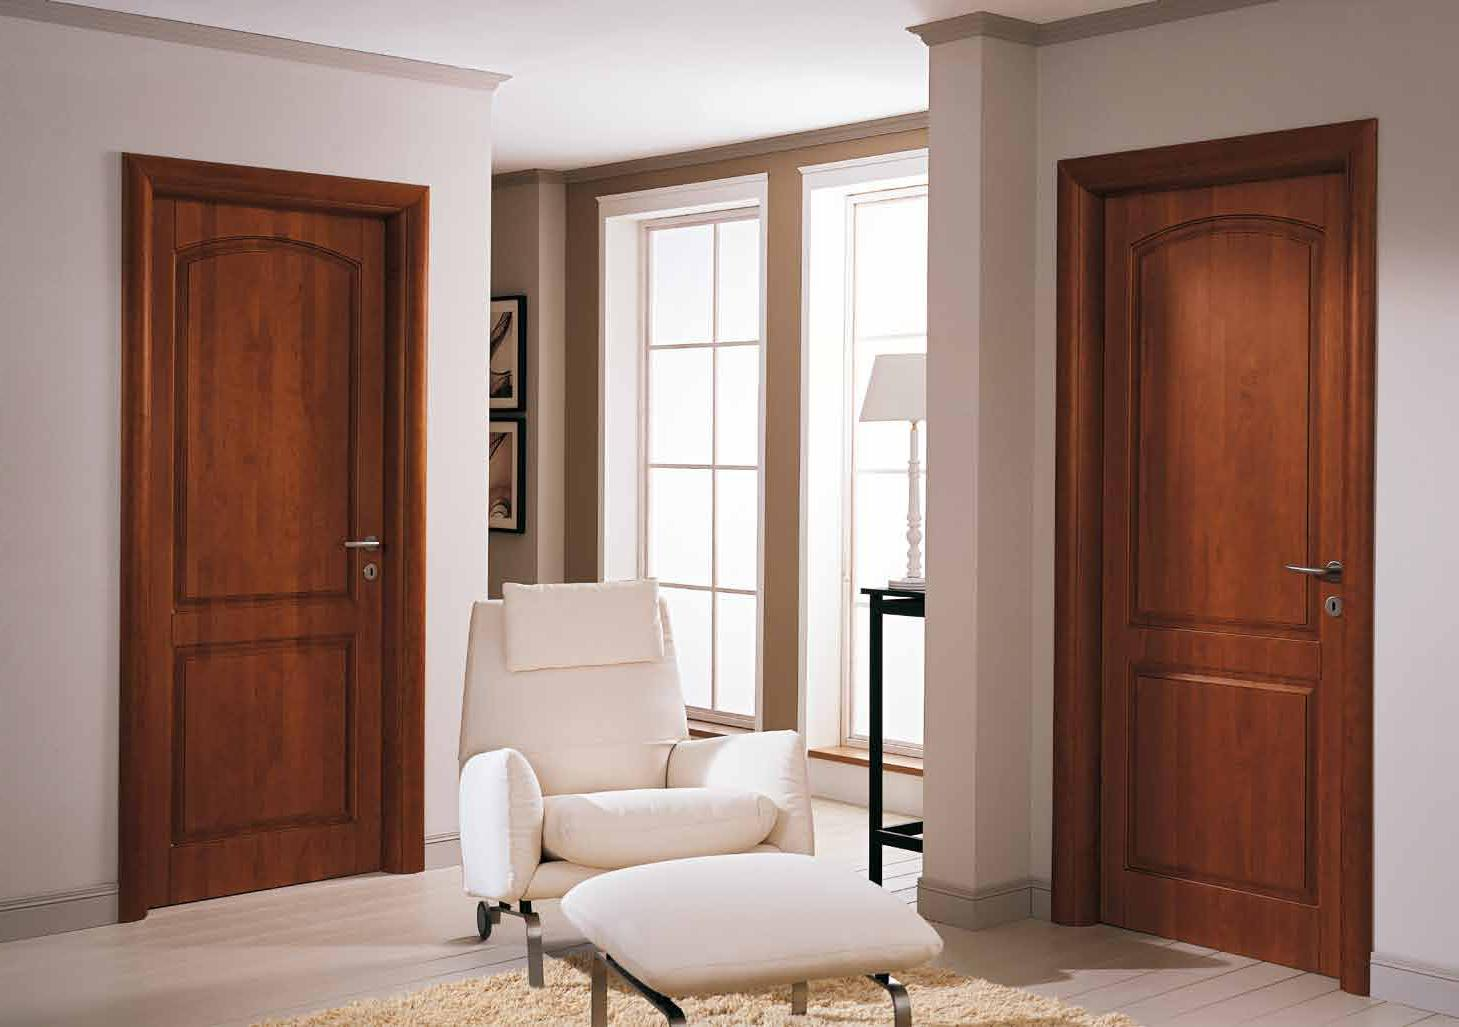 Дверь из вишни в интерьере квартиры